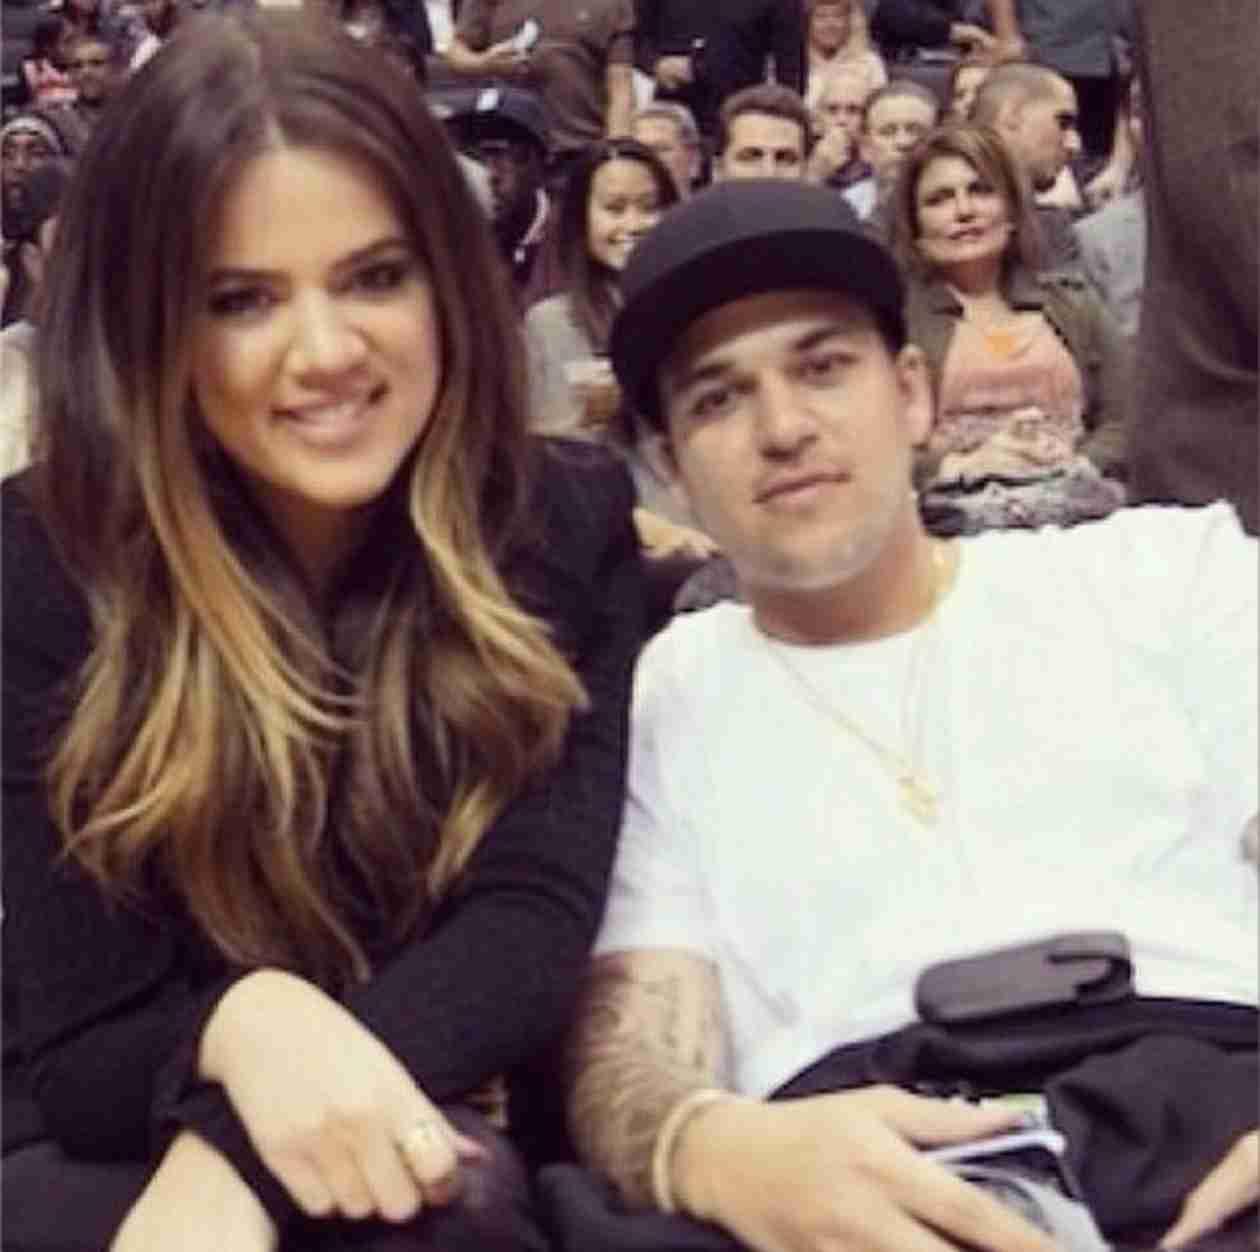 Khloe Kardashian Instagrams Support For Rob Amid Rehab Rumors